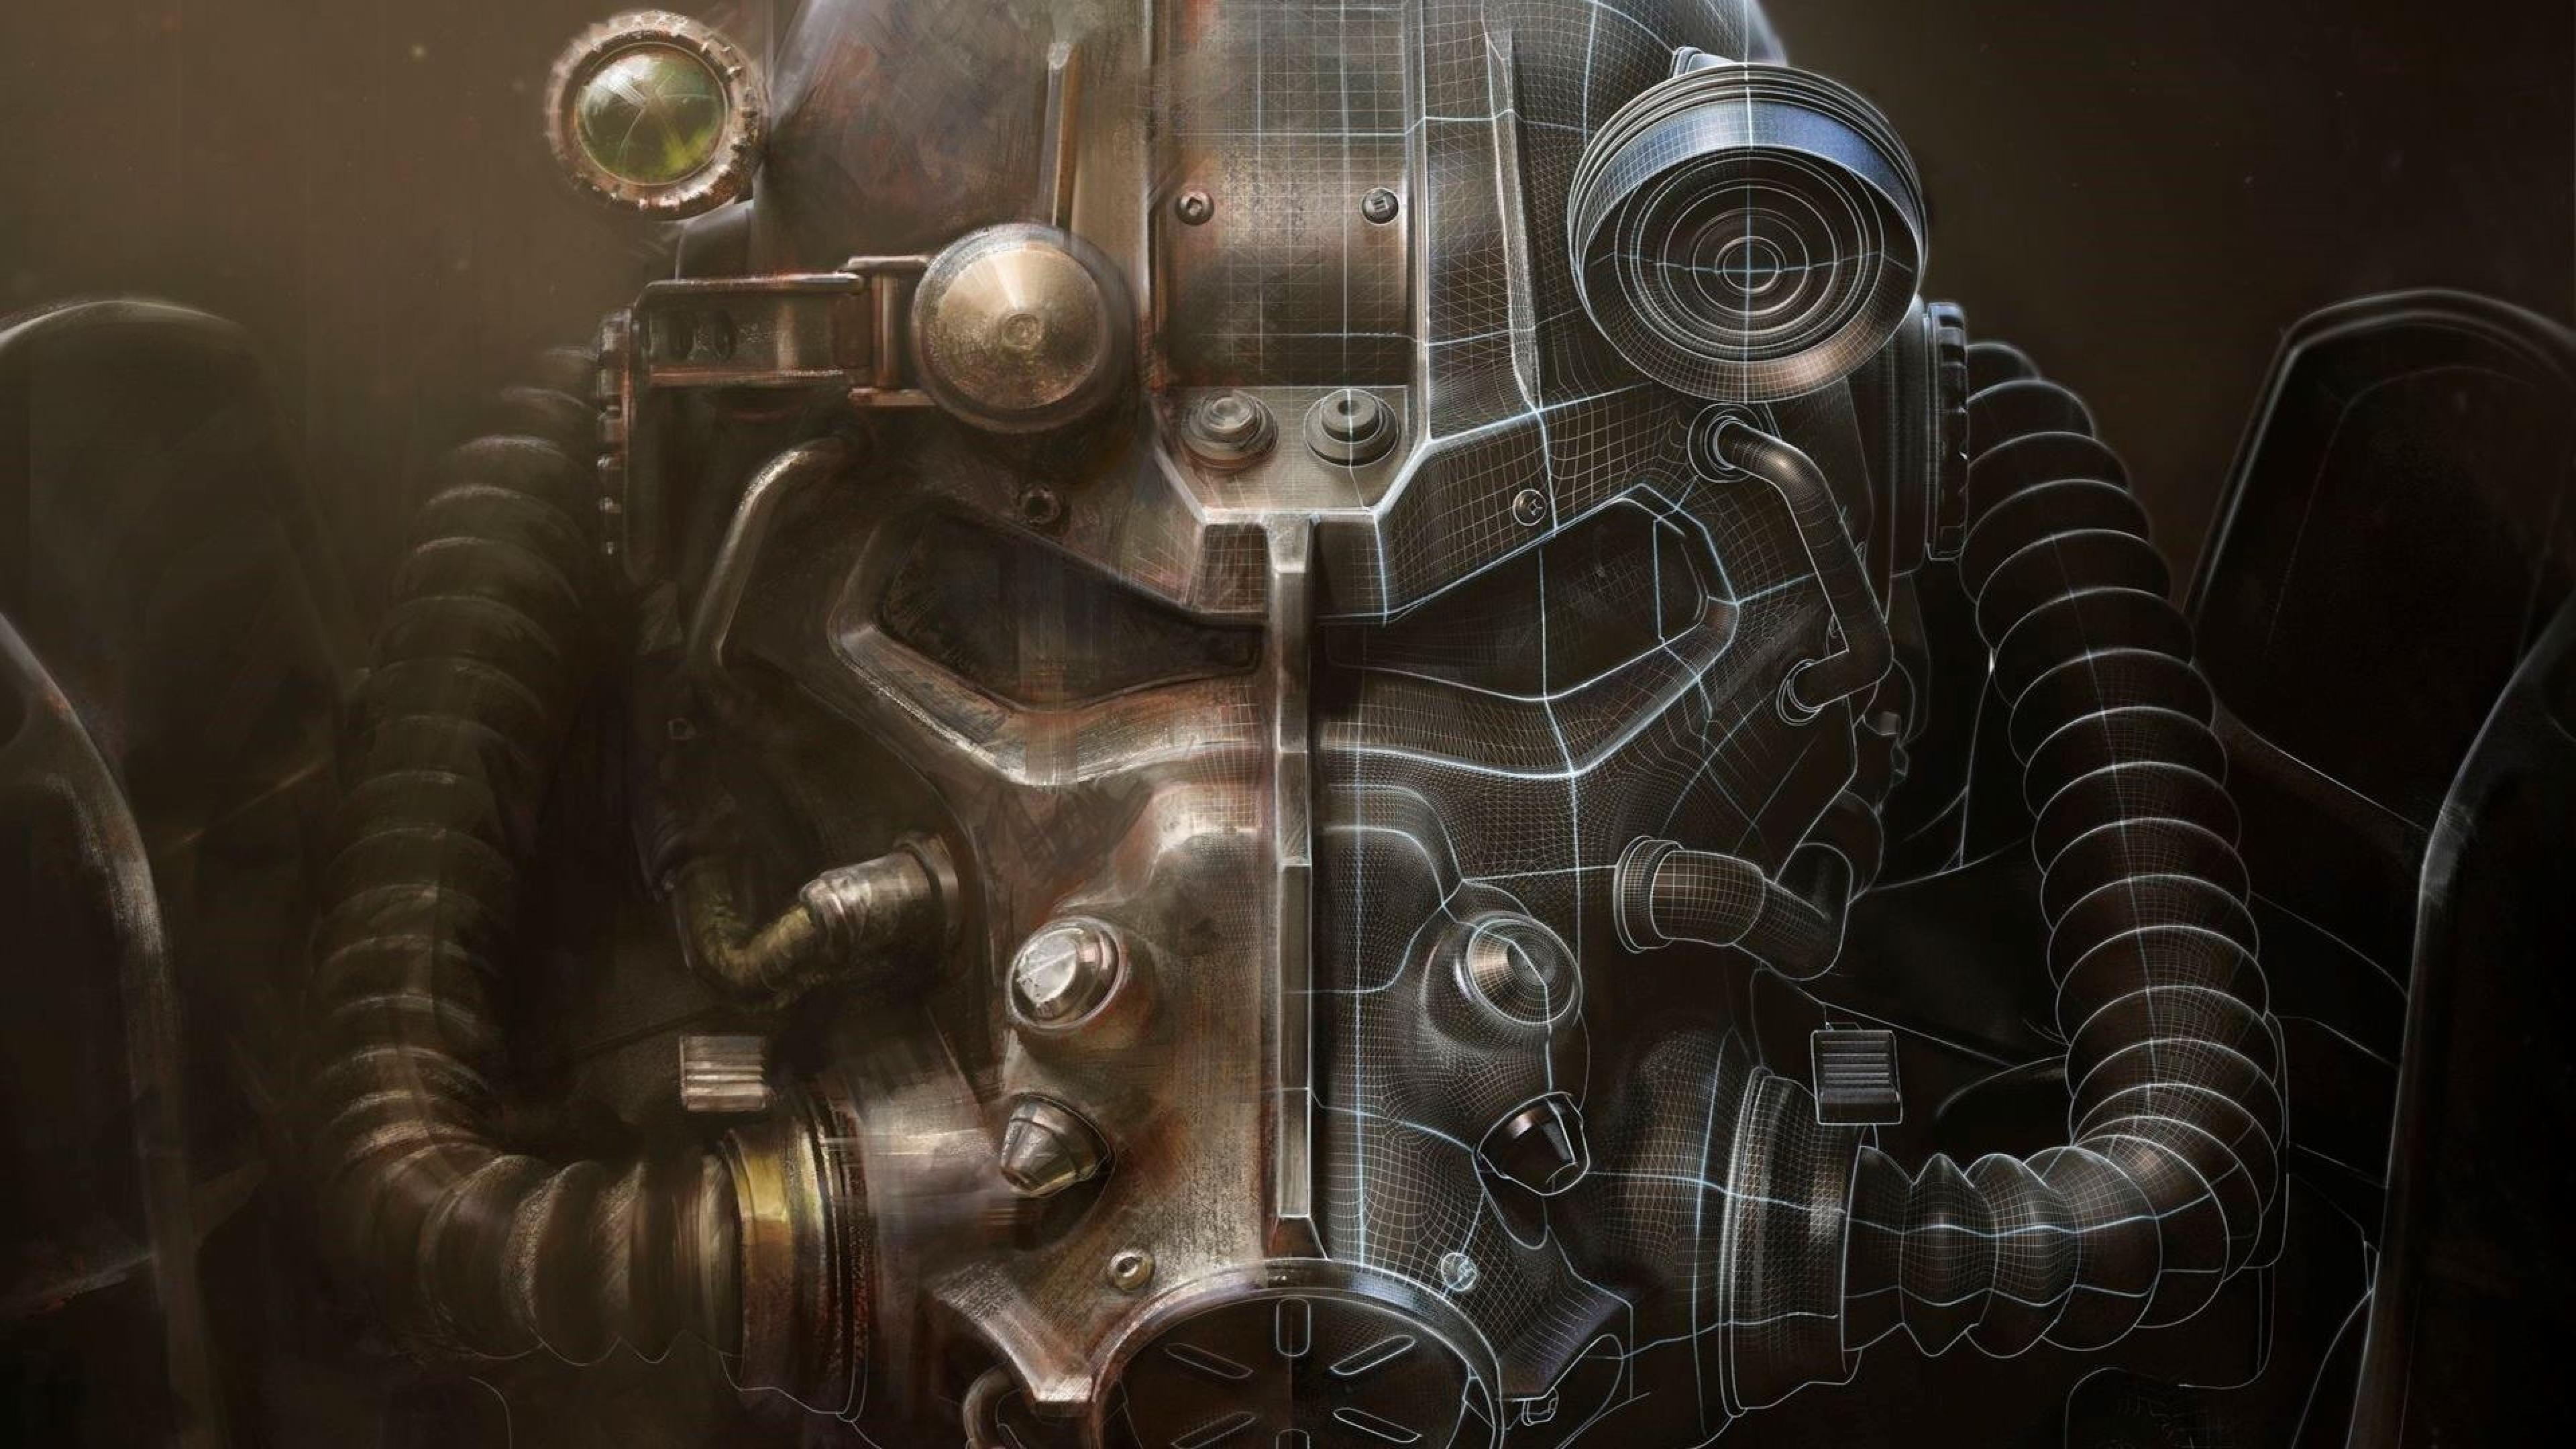 fallout 4 wallpaper 4k.